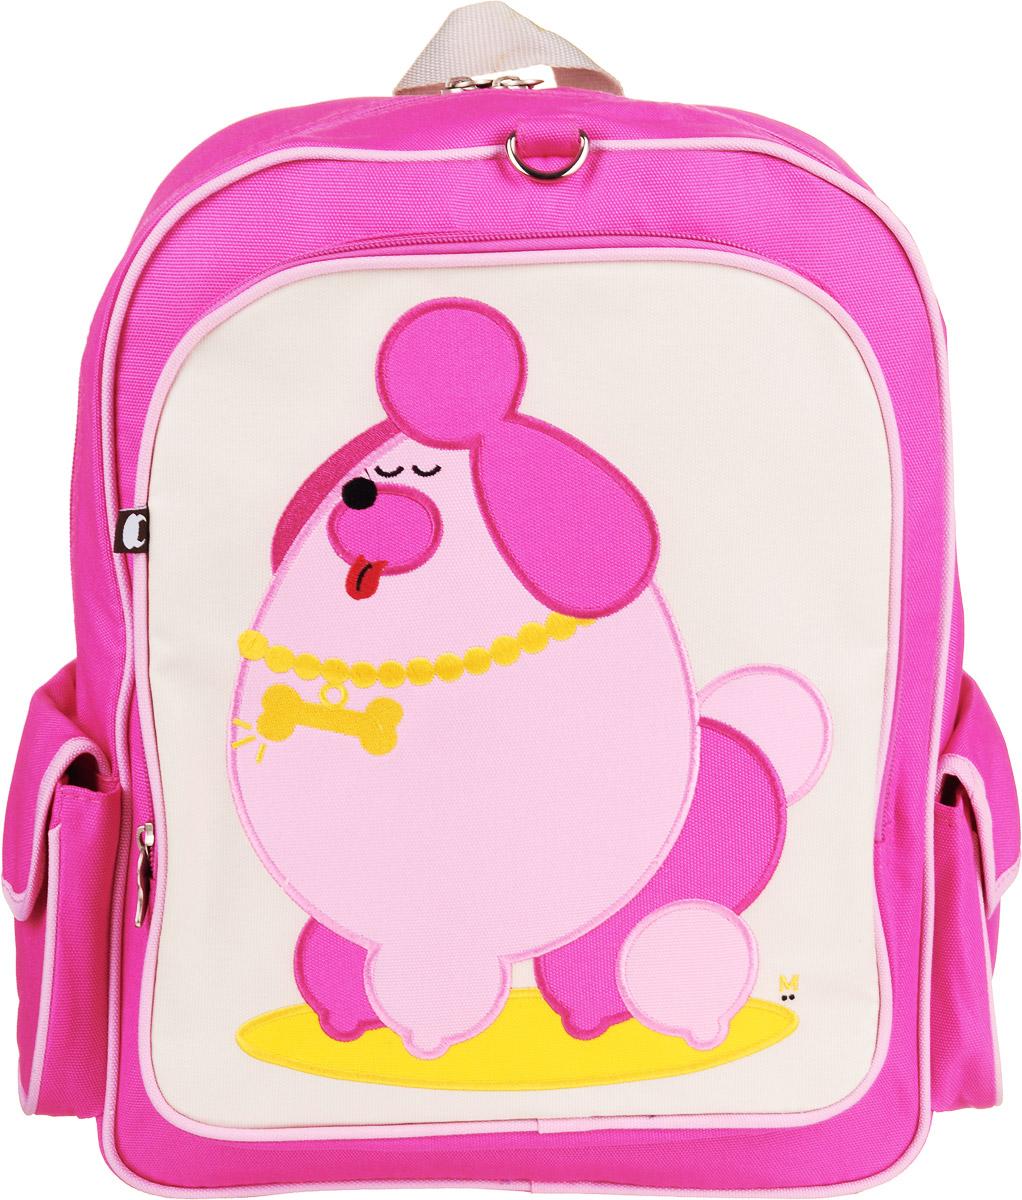 Рюкзак детский Beatrix Big Kid Pocchari-Poodle, цвет: молочный, розовый, желтыйAP-7529-21Рюкзак Beatrix Pocchari-Poodle изготовлен из износоустойчивого нейлона ярких расцветок. Рюкзак оформлен вышитой аппликацией с изображением забавного животного. Рюкзак состоит из вместительного отделения, закрывающегося на застежку-молнию с двумя бегунками. Бегунки застежки дополнены металлическими держателями. На лицевой стороне рюкзака один большой накладной карман на молнии. Внутри отделения находится дополнительный кармашек на застежке-молнии. На задней стенке рюкзака имеется нашивка, на которой можно указать данные владельца. По бокам рюкзака имеются два накладных кармашка, закрывающихся на клапан с липучкой. Мягкие широкие лямки позволяют легко и быстро отрегулировать рюкзак в соответствии с ростом. Спинка рюкзака и лямки прошиты для дополнительного комфорта при эксплуатации. Рюкзак оснащен удобной текстильной ручкой для переноски в руке. Достаточно вместительный для того, чтобы в них поместились учебники, ноутбук, школьный завтрак и остальной арсенал школьника. Идеально подходит как для школы, так для повседневных прогулок, отдыха и спорта.